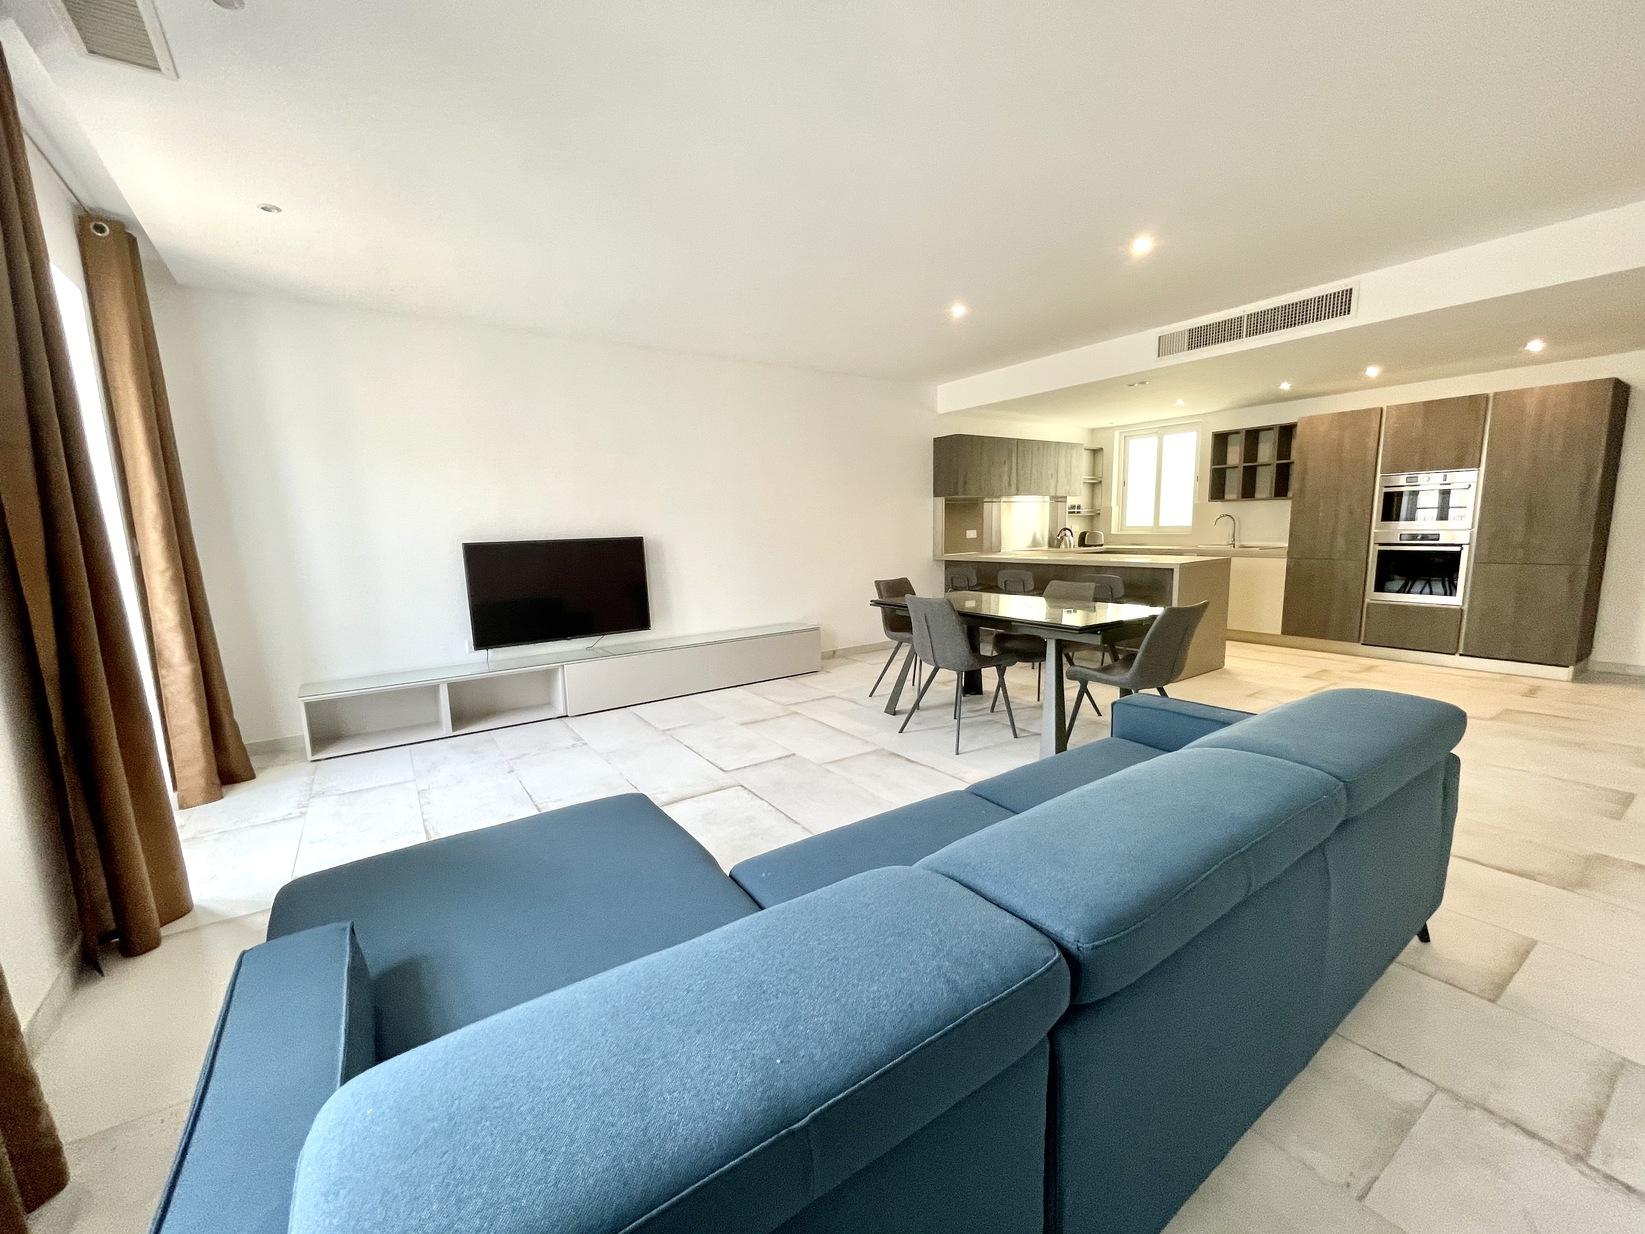 3 bed Apartment For Rent in Kalkara, Kalkara - thumb 2